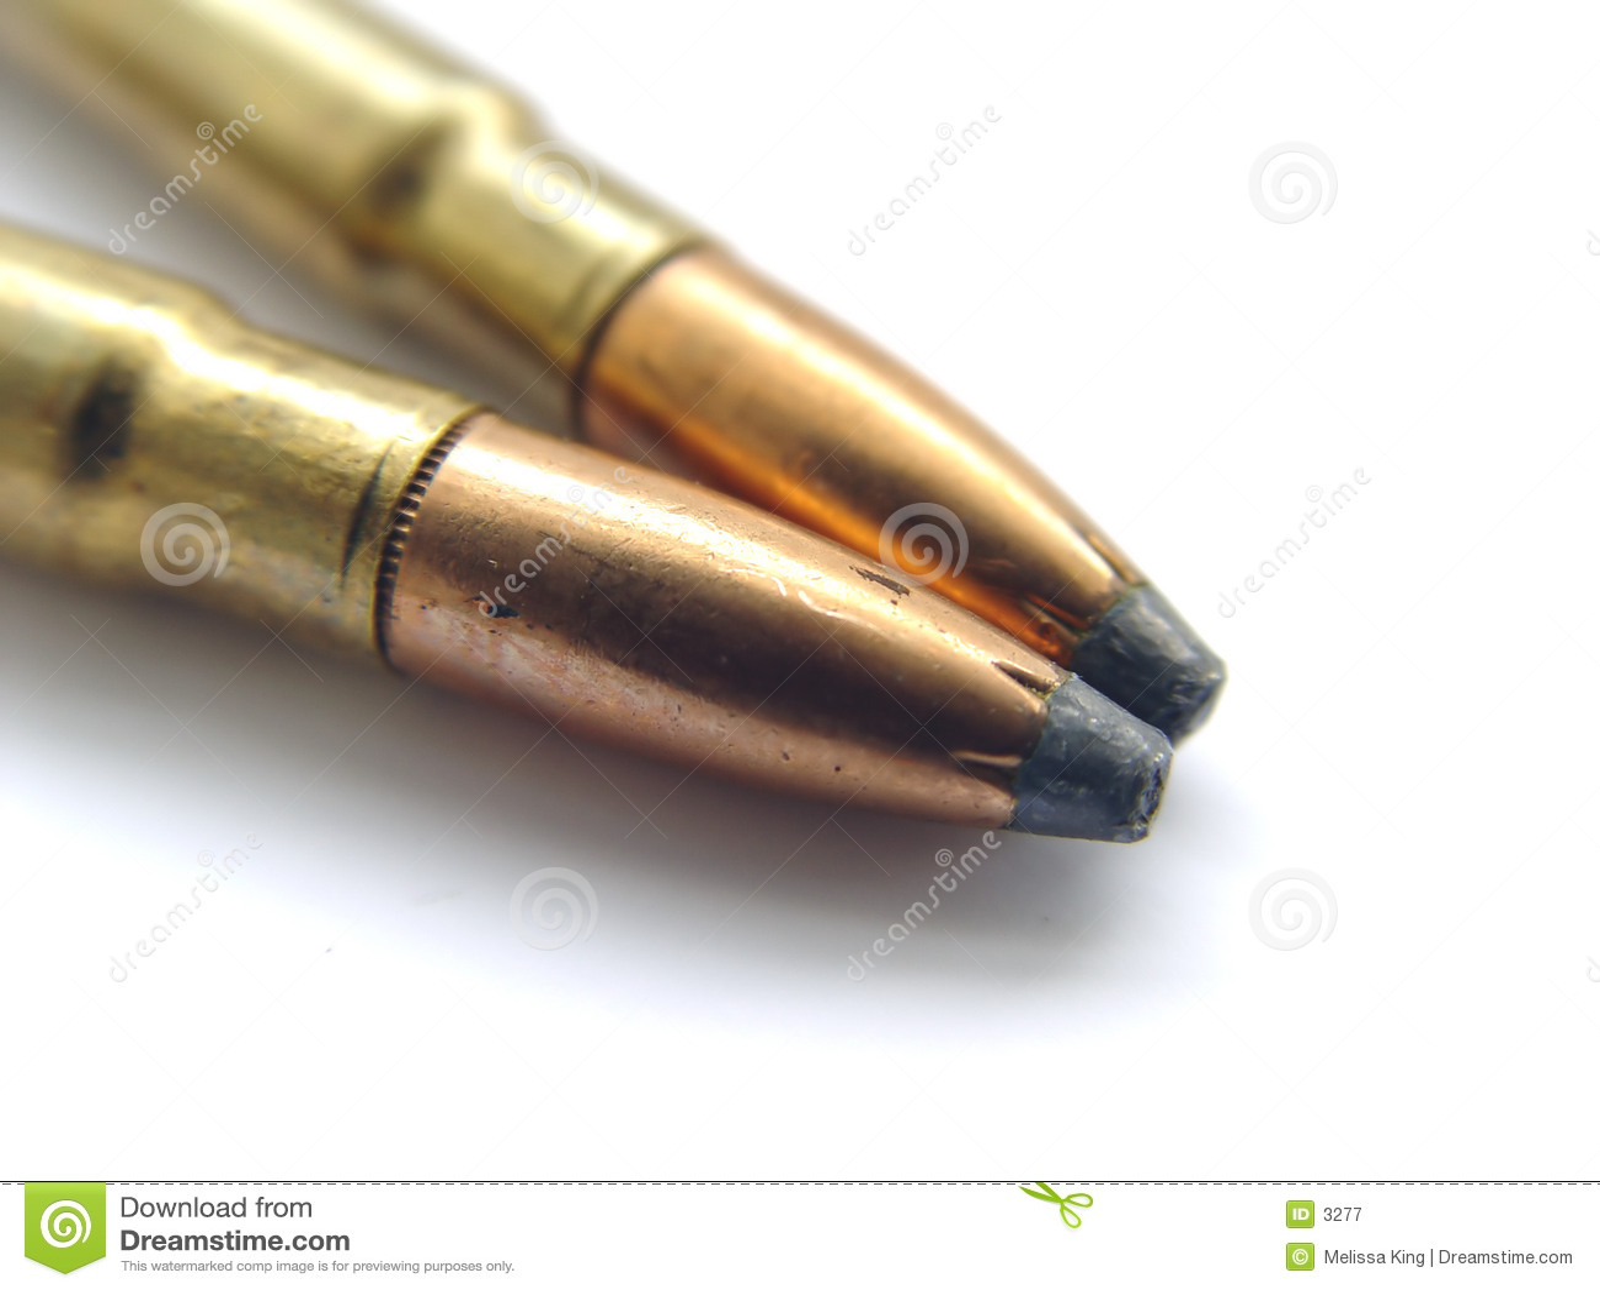 Two Gun Bullets